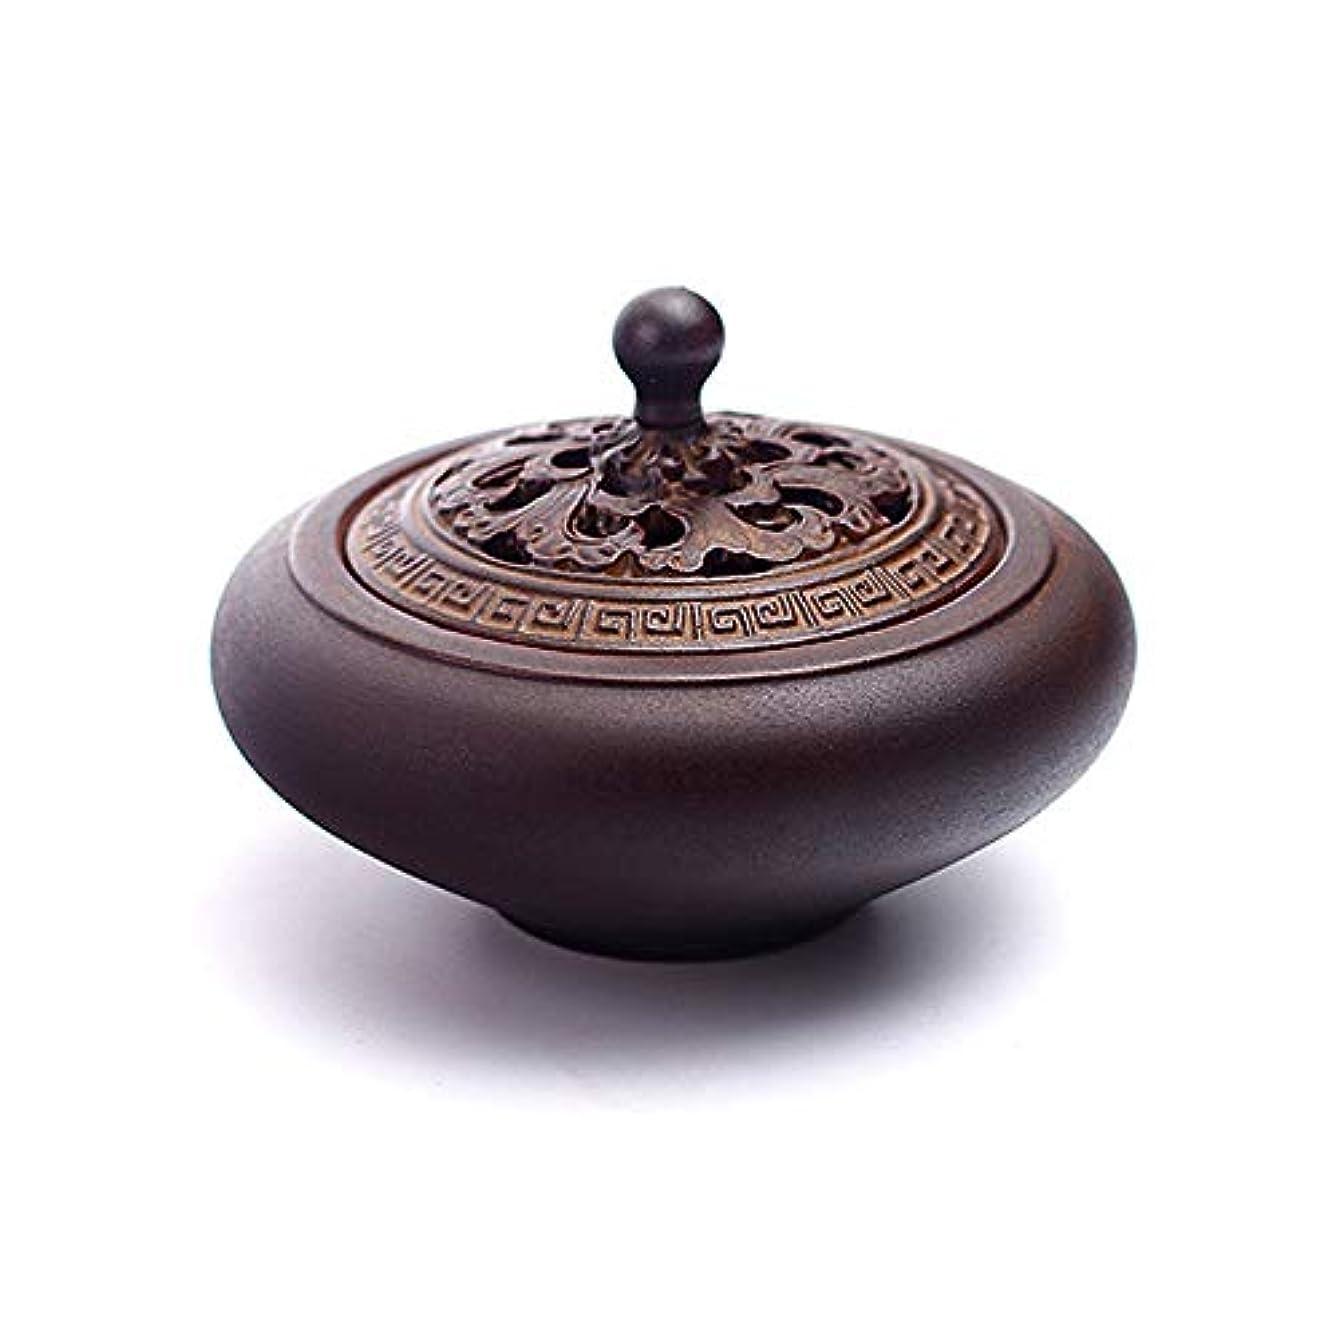 アヒル進む世界に死んだHAMILO 蓋付香炉 陶器 中国風 古典 アロマ 癒し 香道 お香 コーン 抹香 手作り 木製台付 (ブラウン)